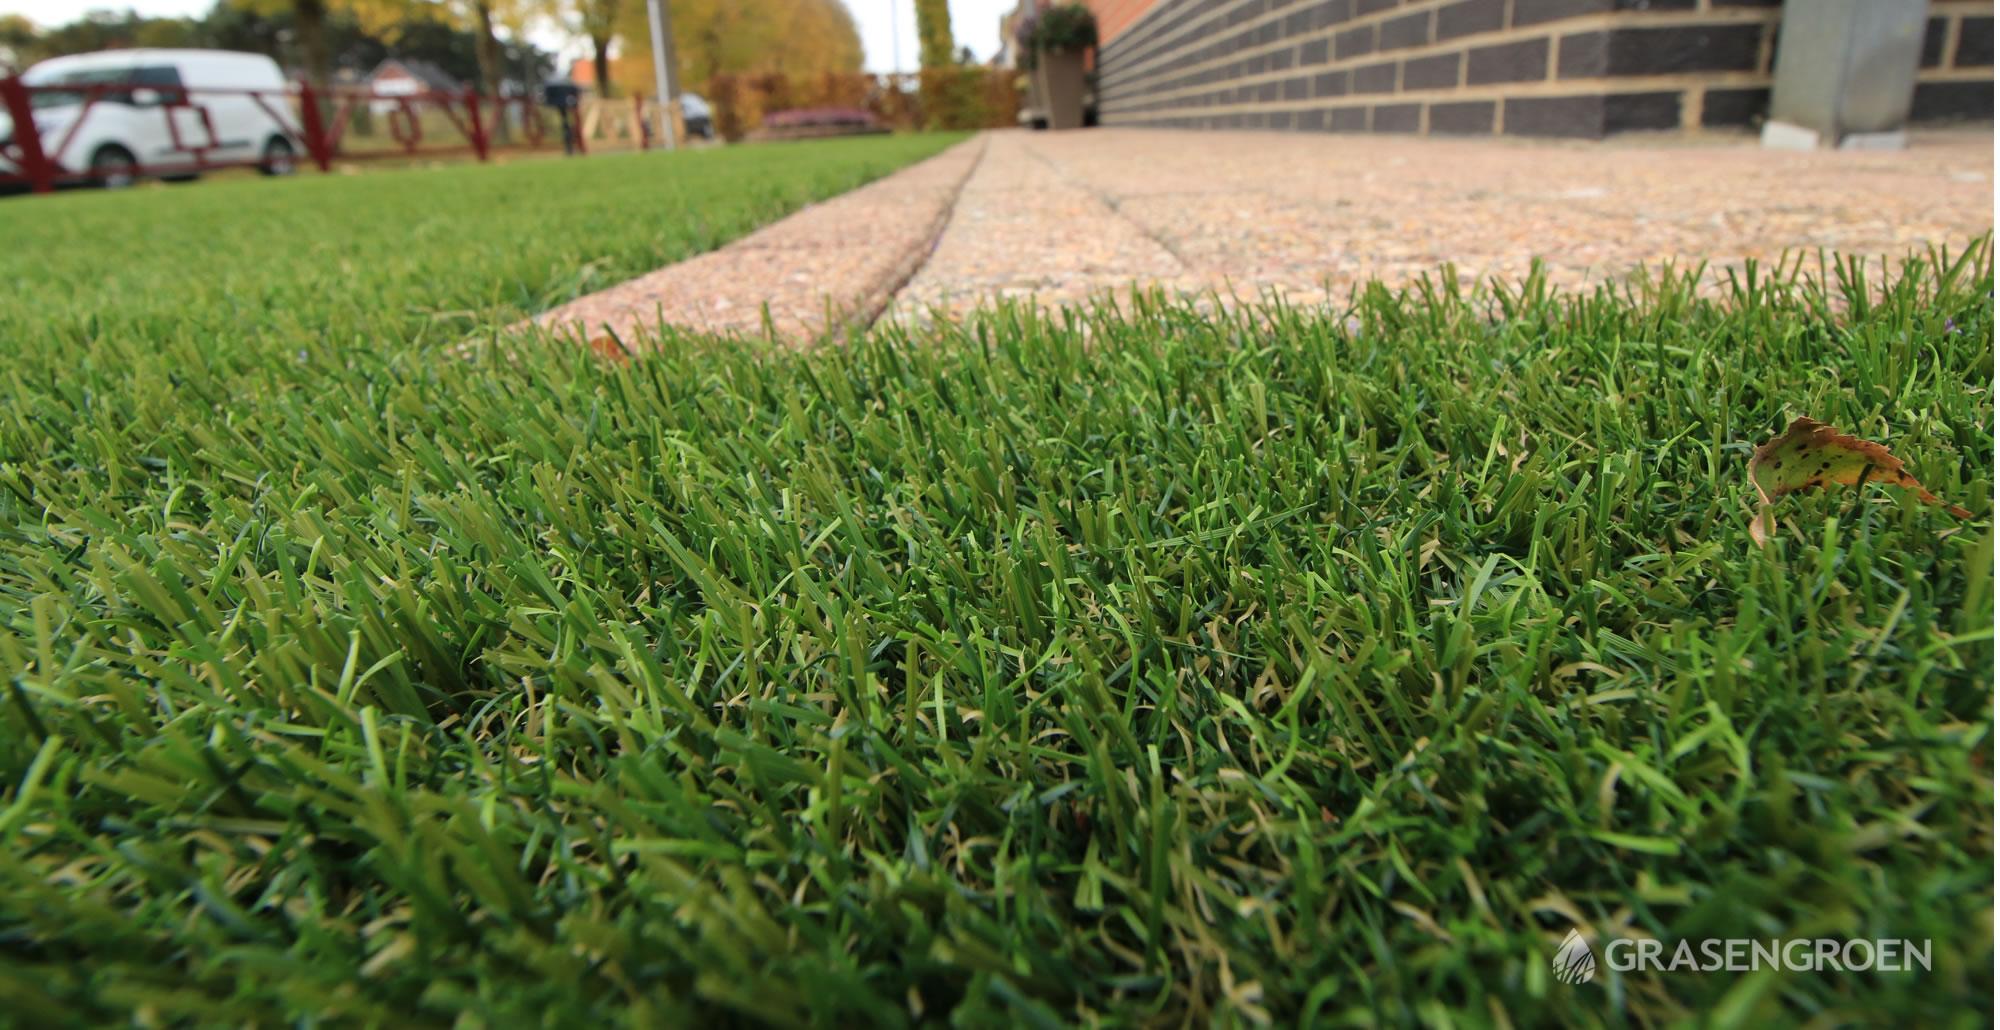 Kunstgrasleggensintjorisweert15 • Gras en Groen Kunstgras